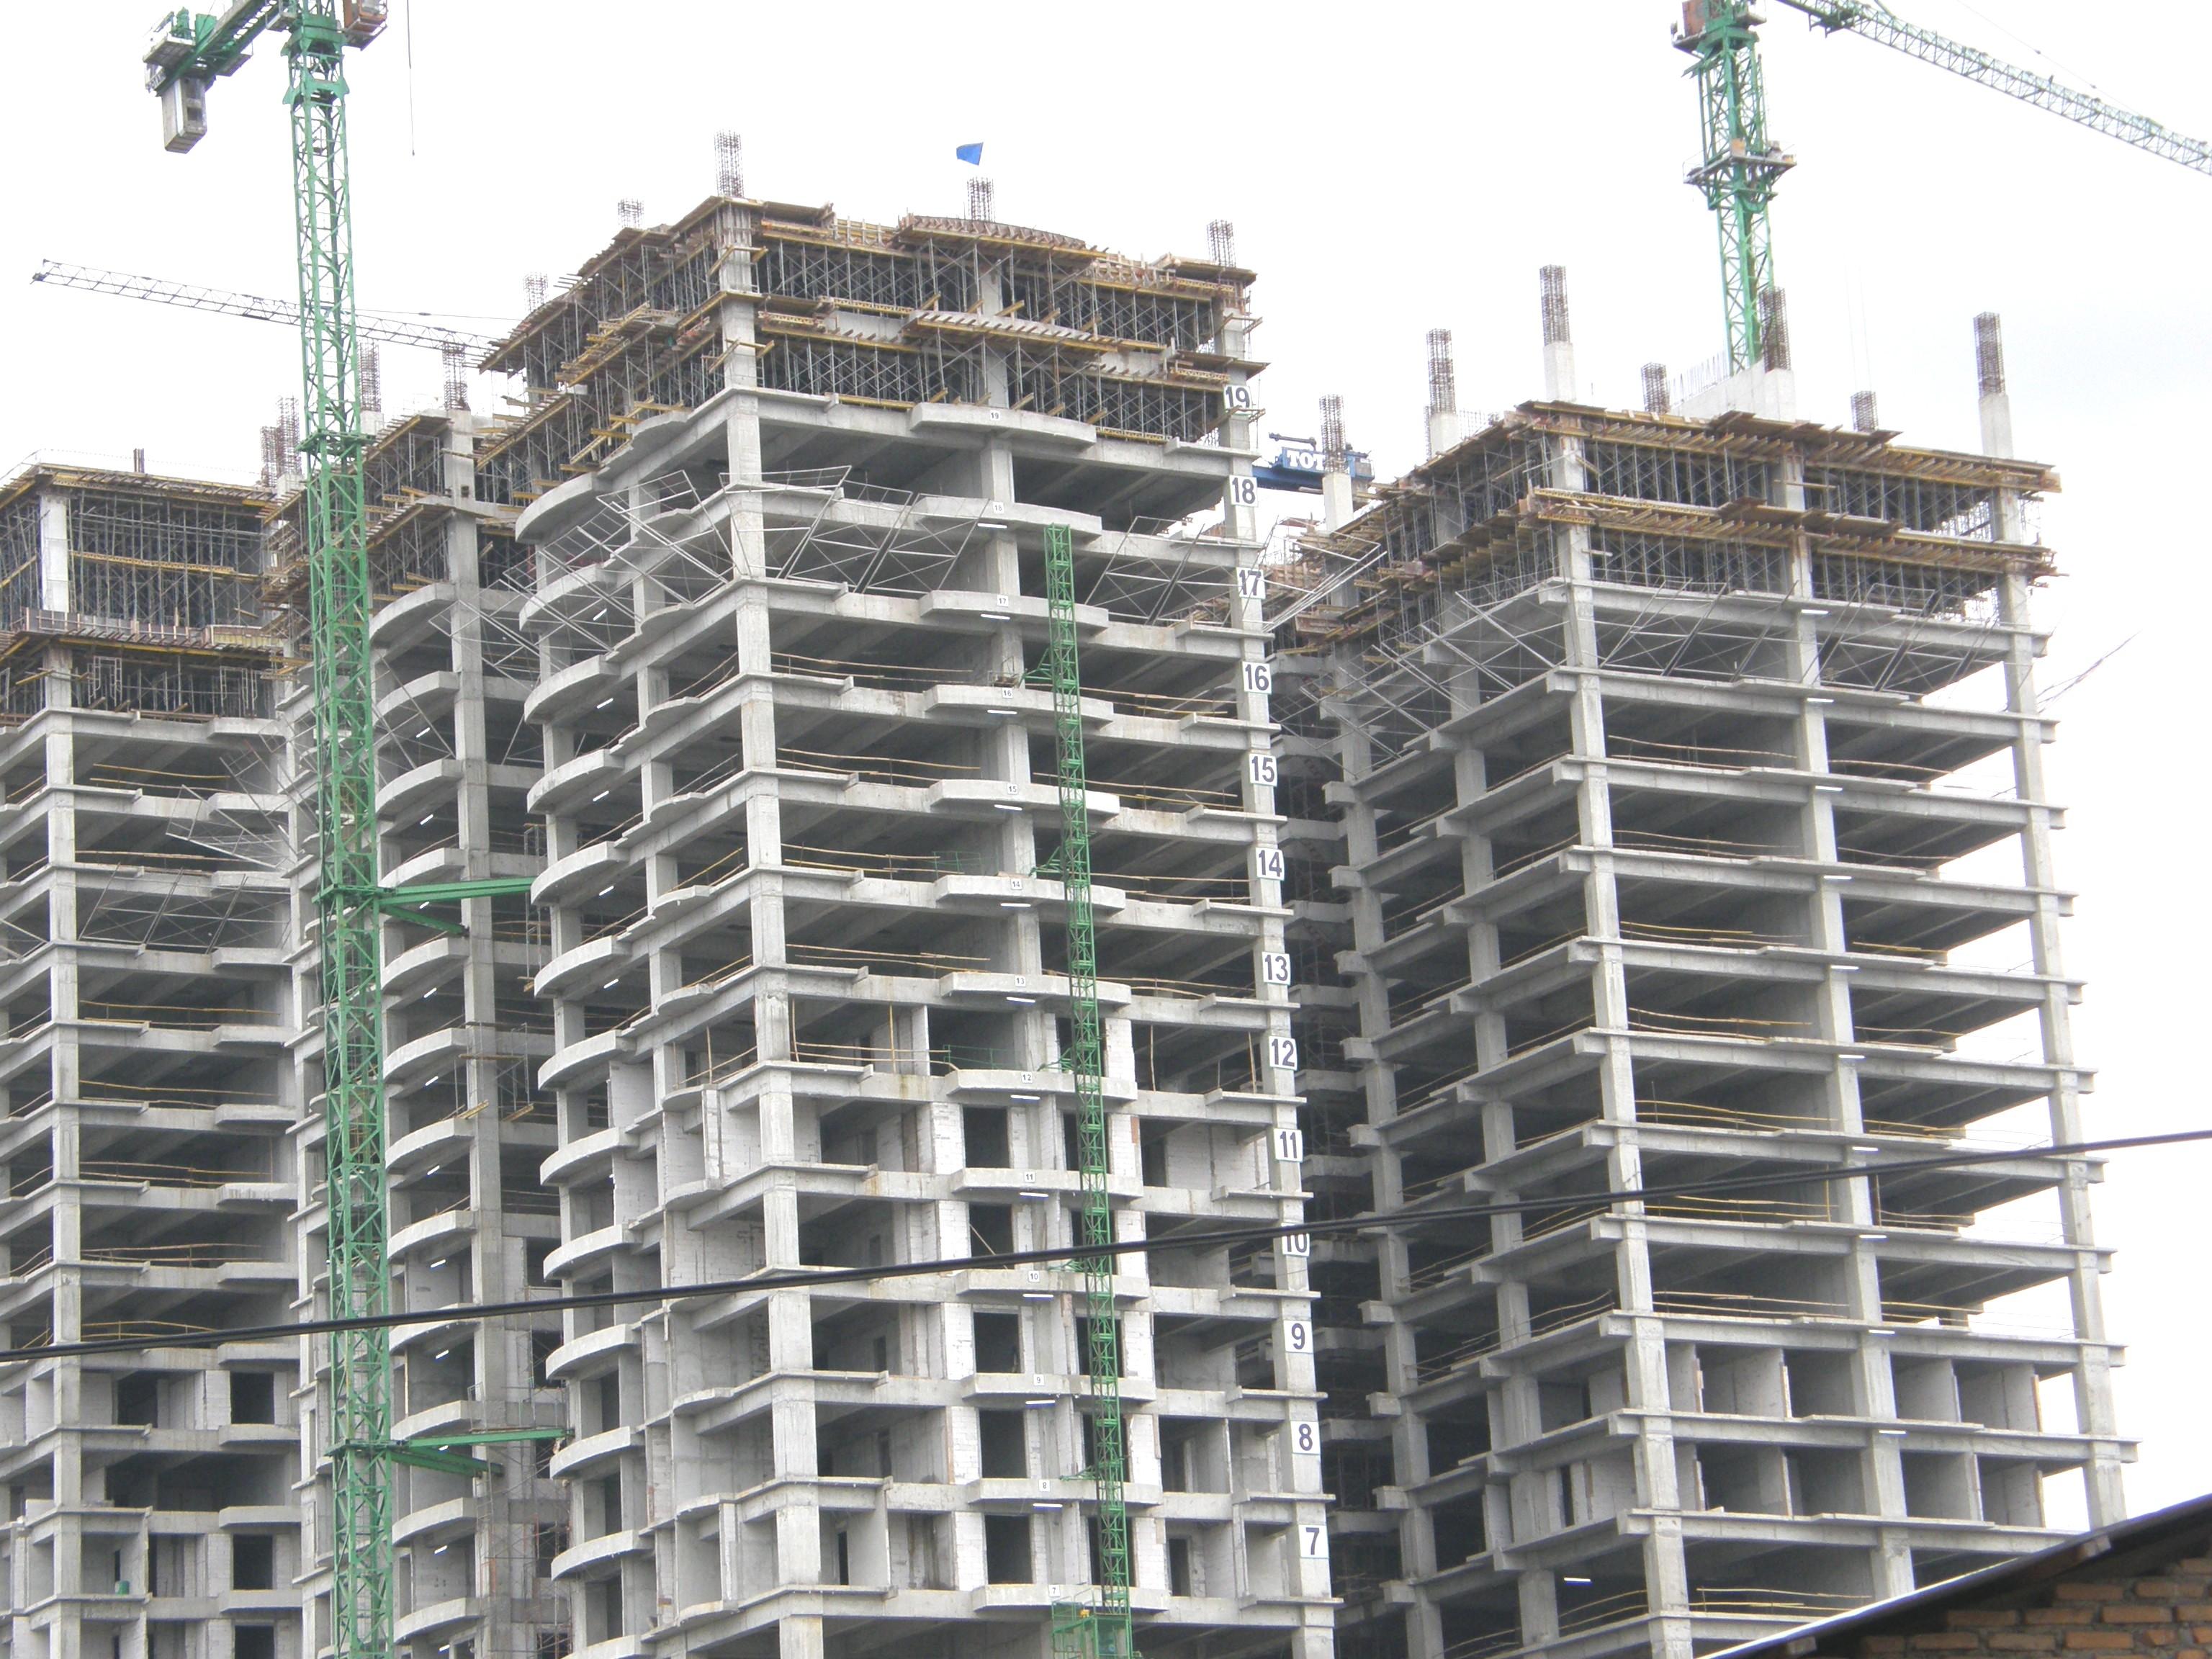 Cambridge Apartment - Medan | PT. Beton Perkasa Wijaksana